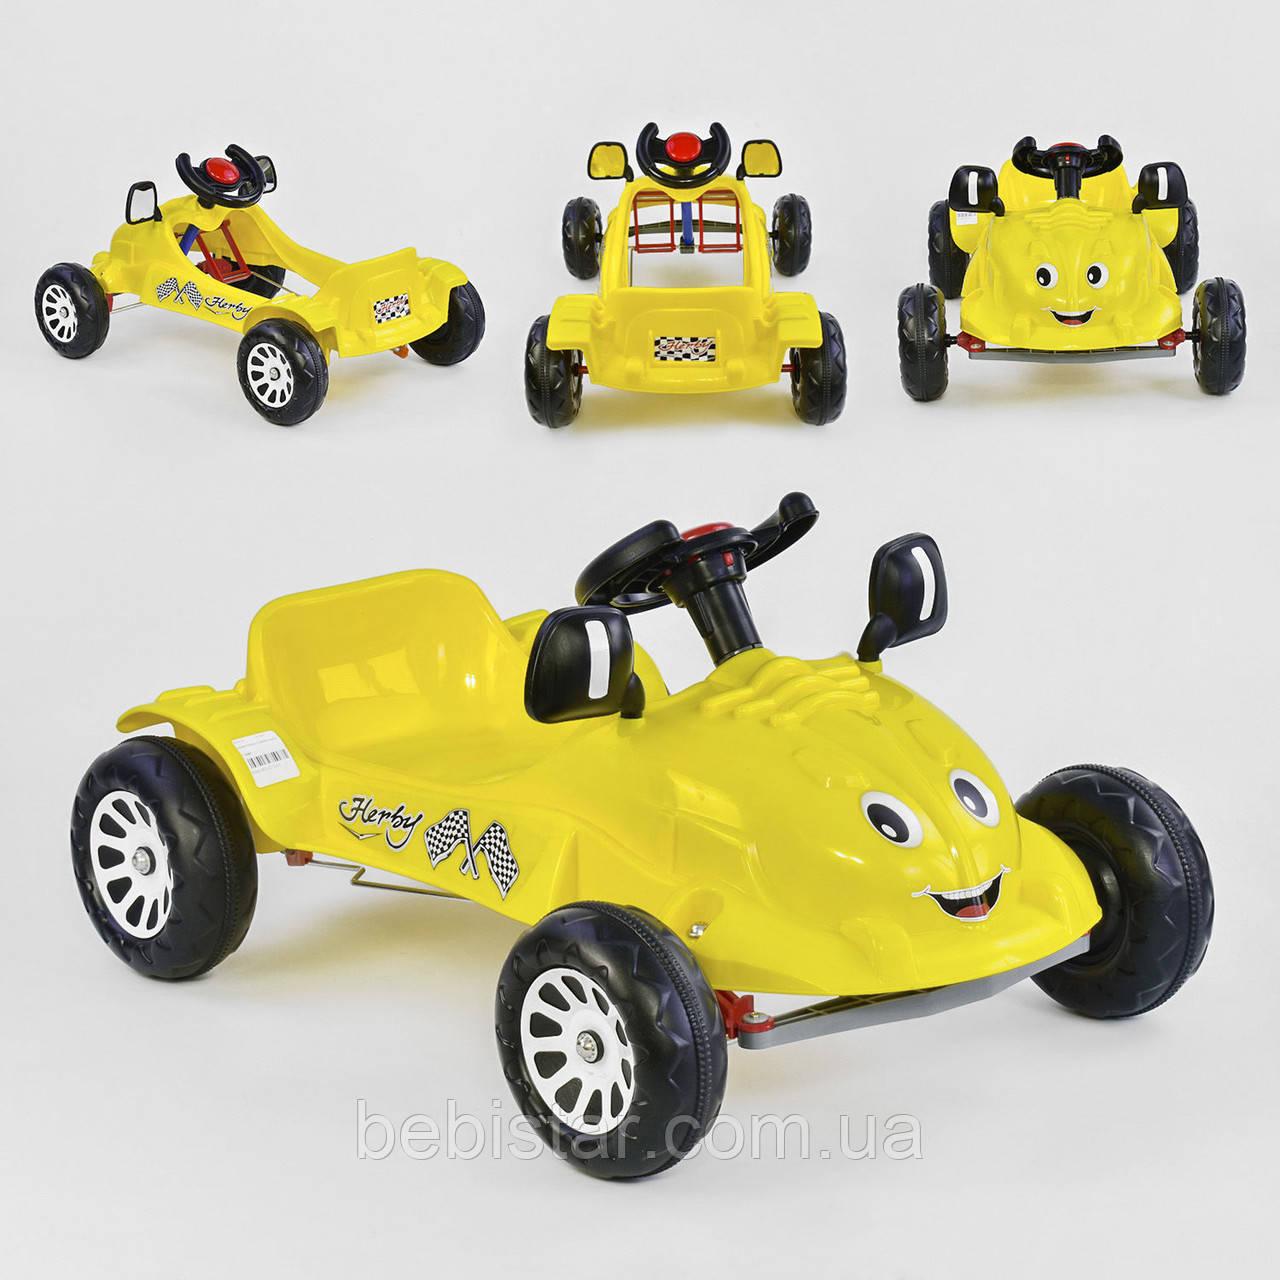 Машина педальная желтая, пластиковые колеса с звуковым сигналом